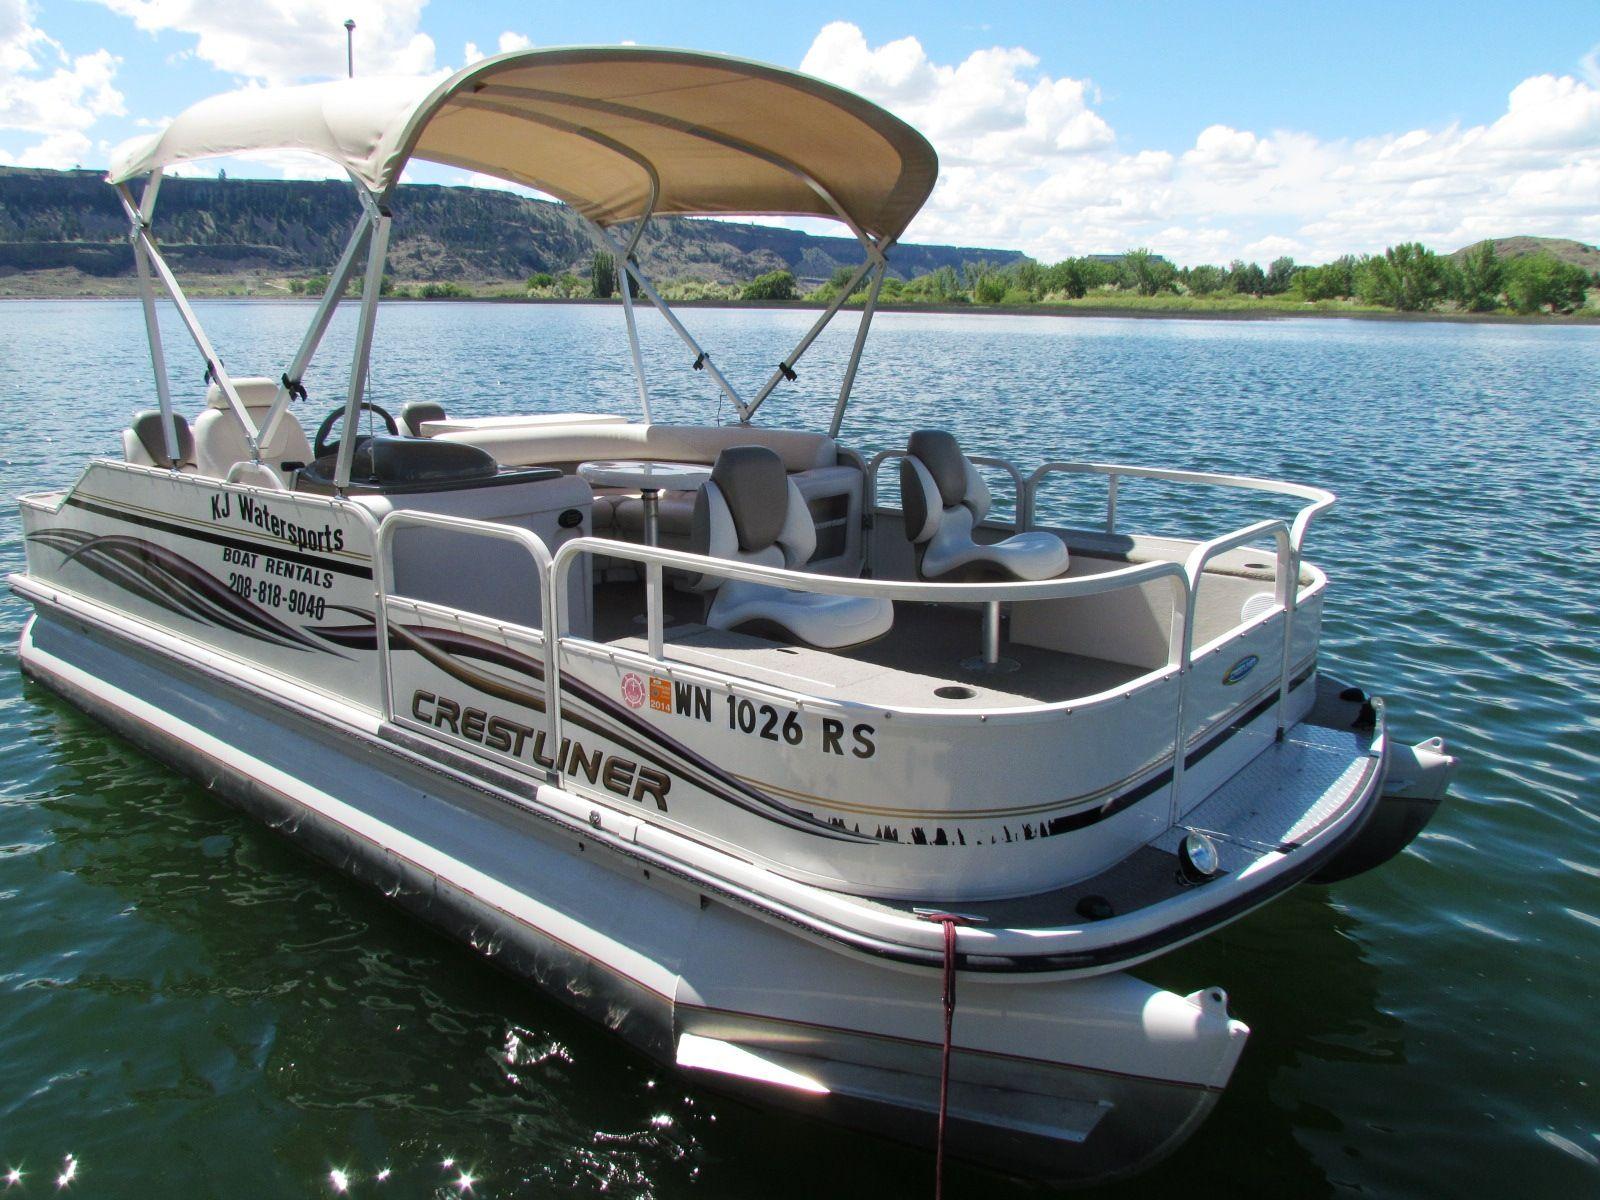 12 Person Crestliner Pontoon Boat With Images Pontoon Boat